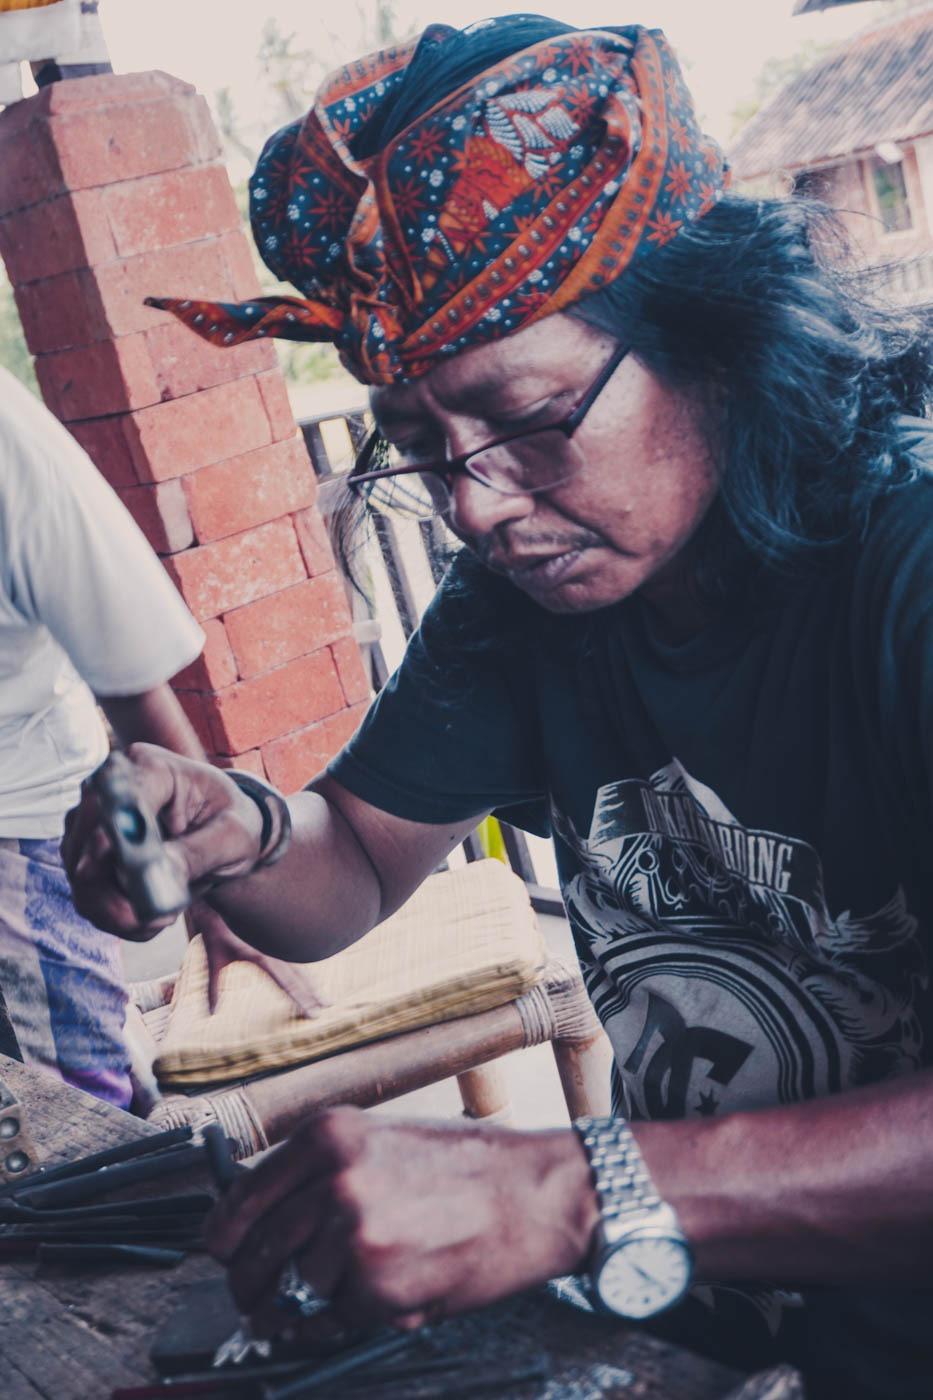 Jewellery Making - Bali Itinerary #traveldestinations #bali #beautifulplaces